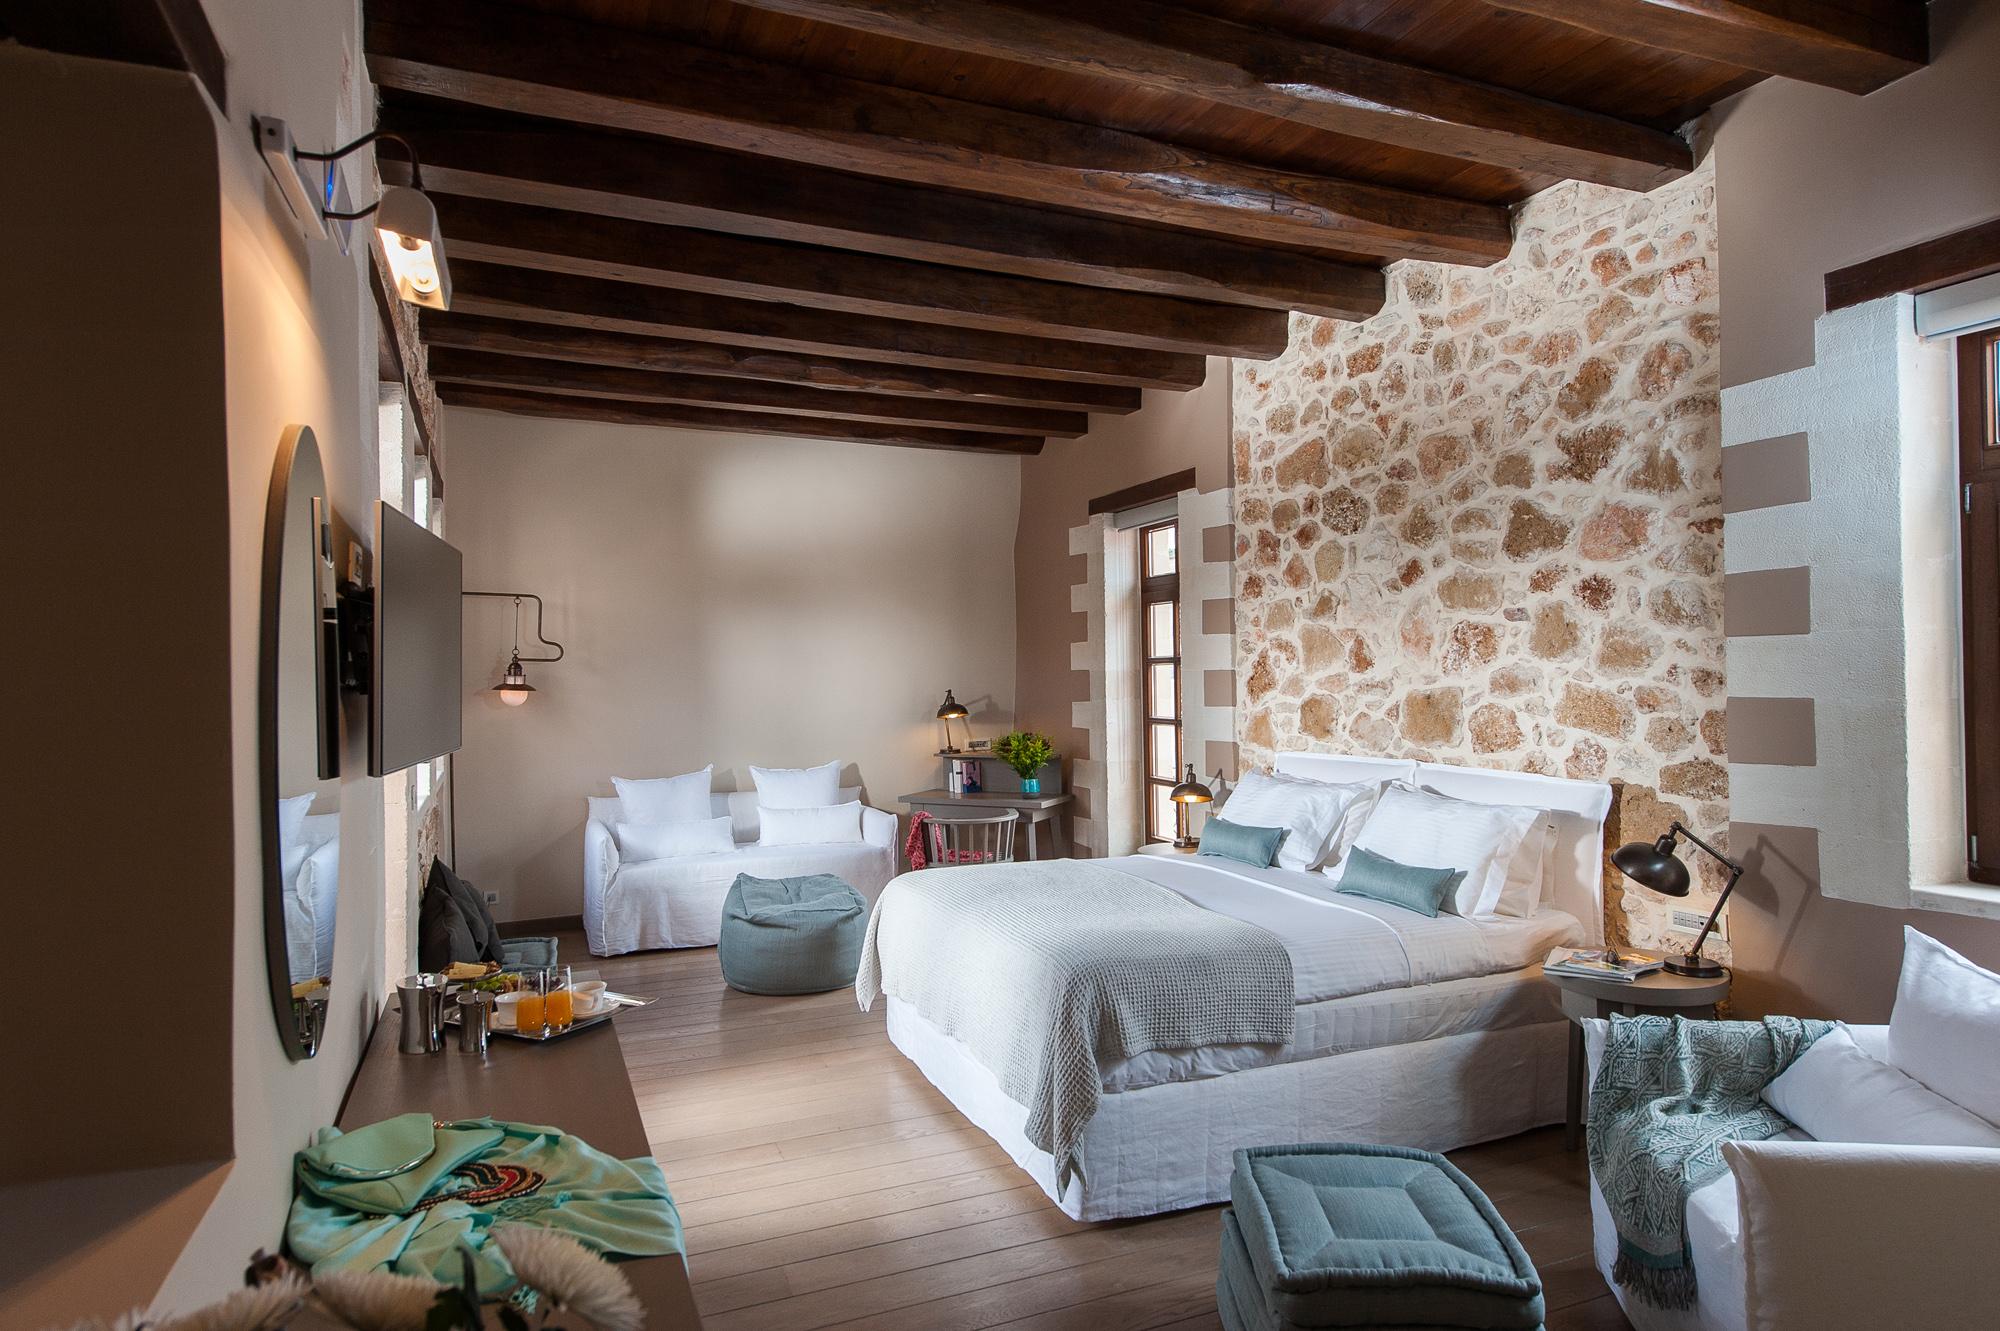 Sereniss-Superior suite terrace3.jpg